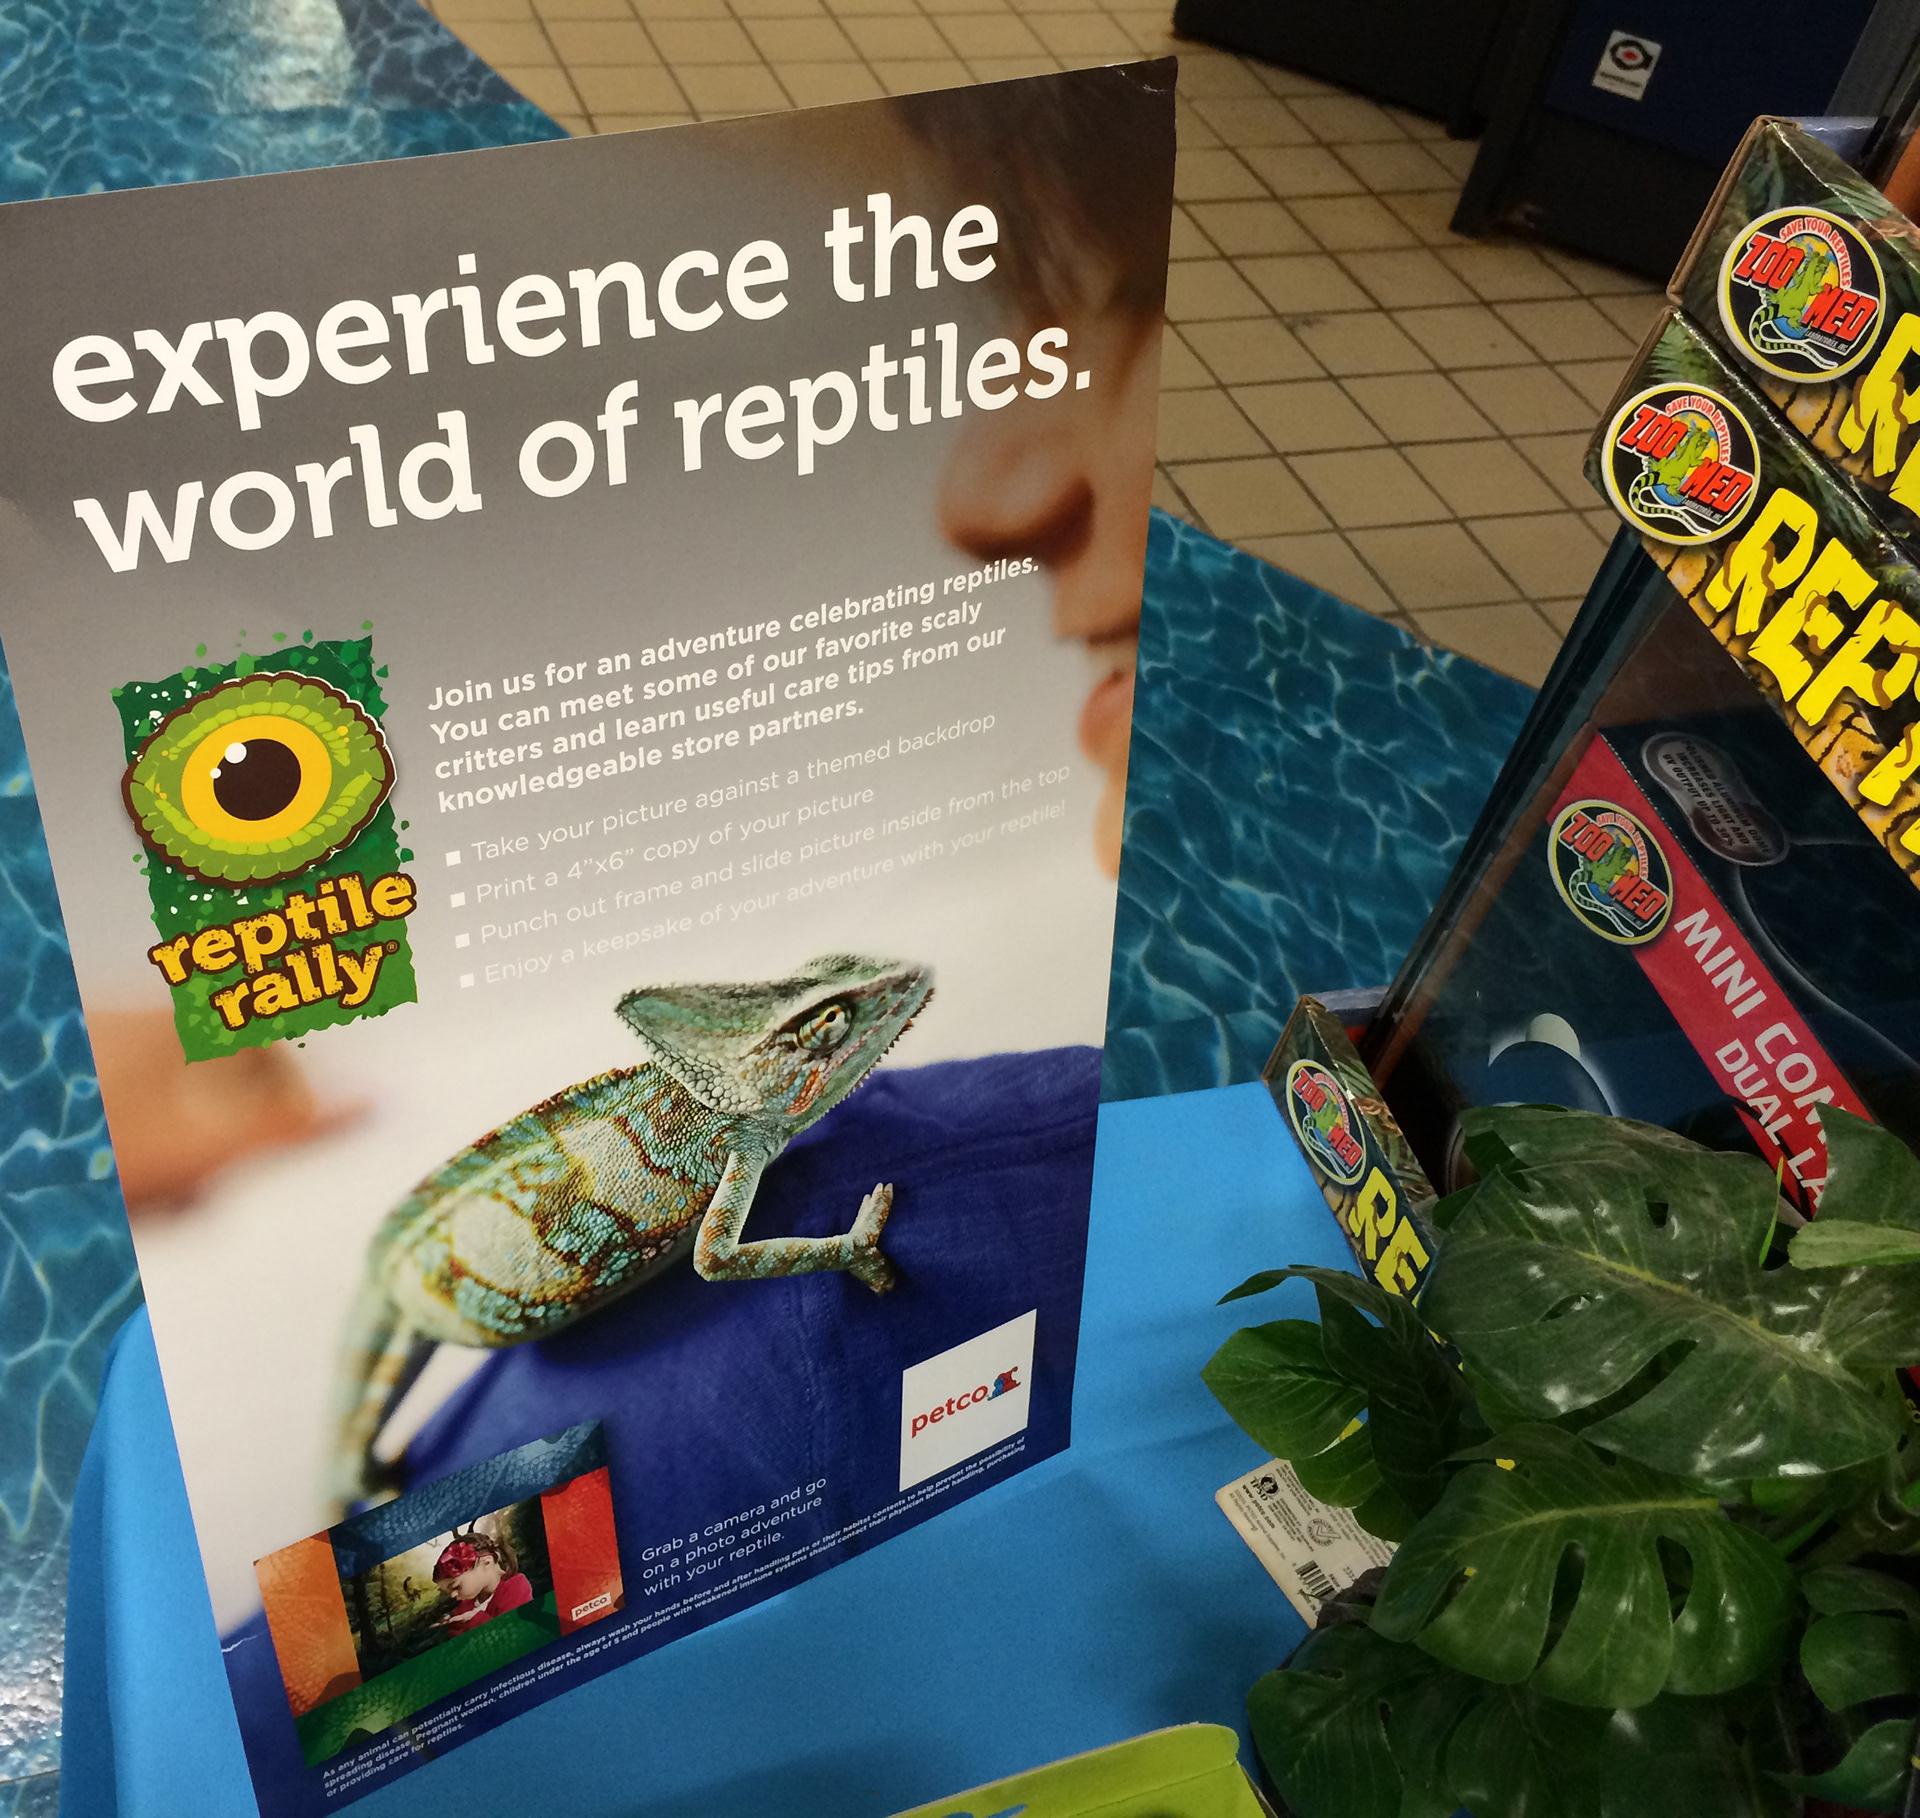 Brand Imagination - Petco : Reptile Rally